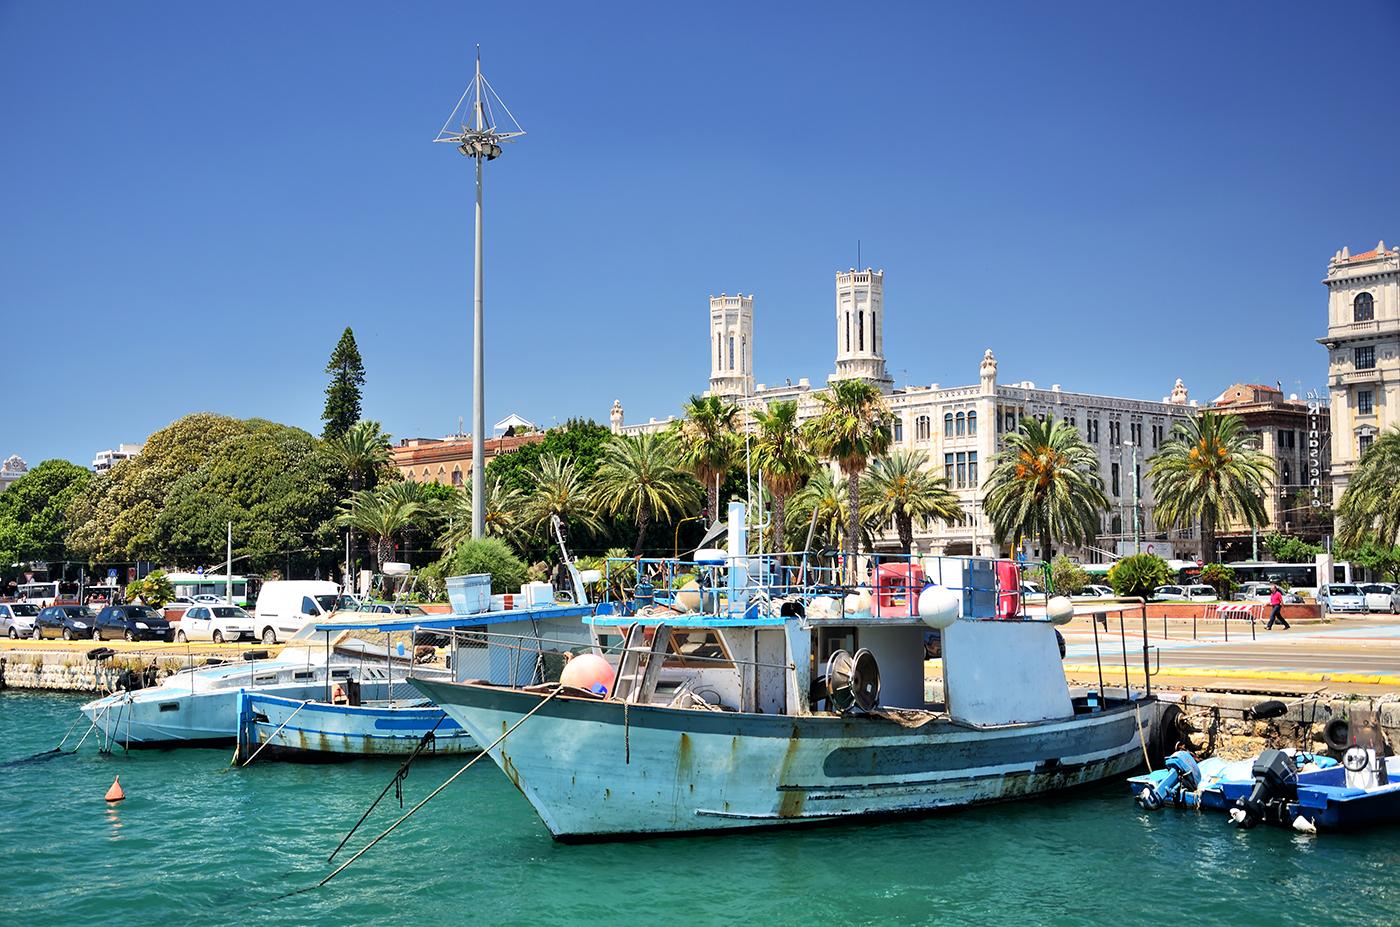 Bootjes in de haven van Cagliari